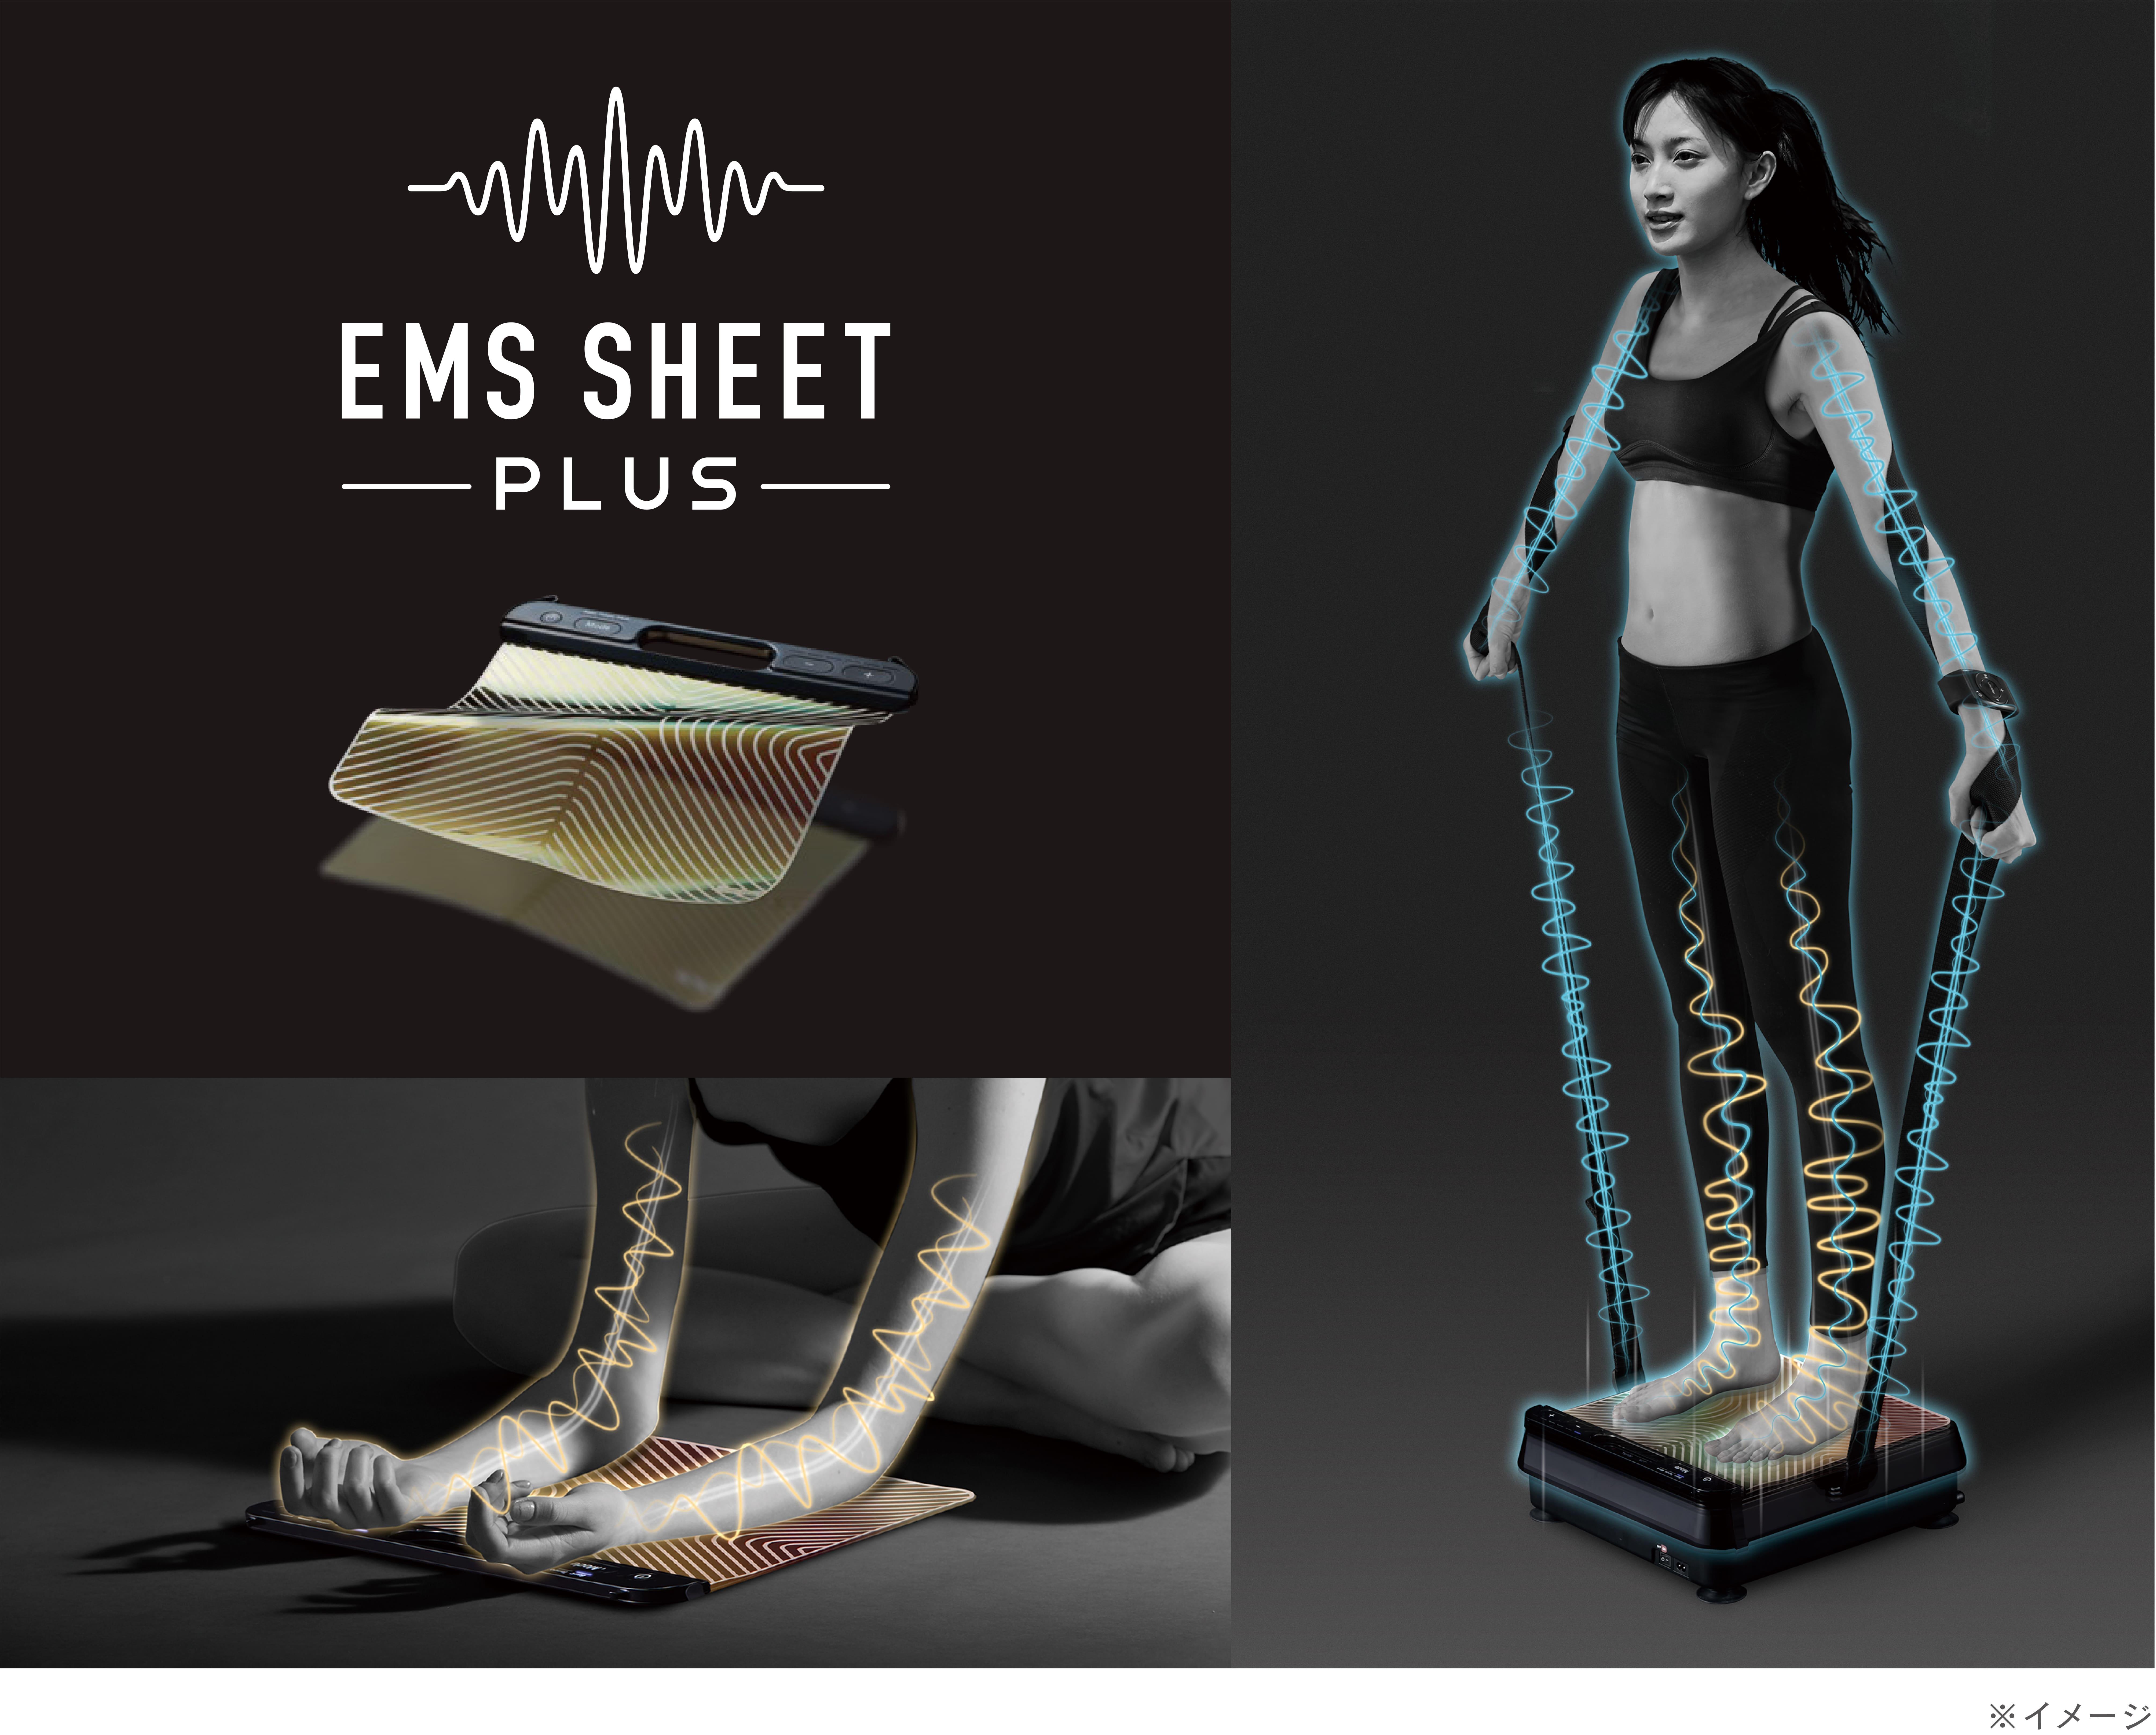 Ems ルルド 口コミ スタイル シート EMSシートの効果とは?動かず楽に痩せる?使い方〜口コミまで紹介!